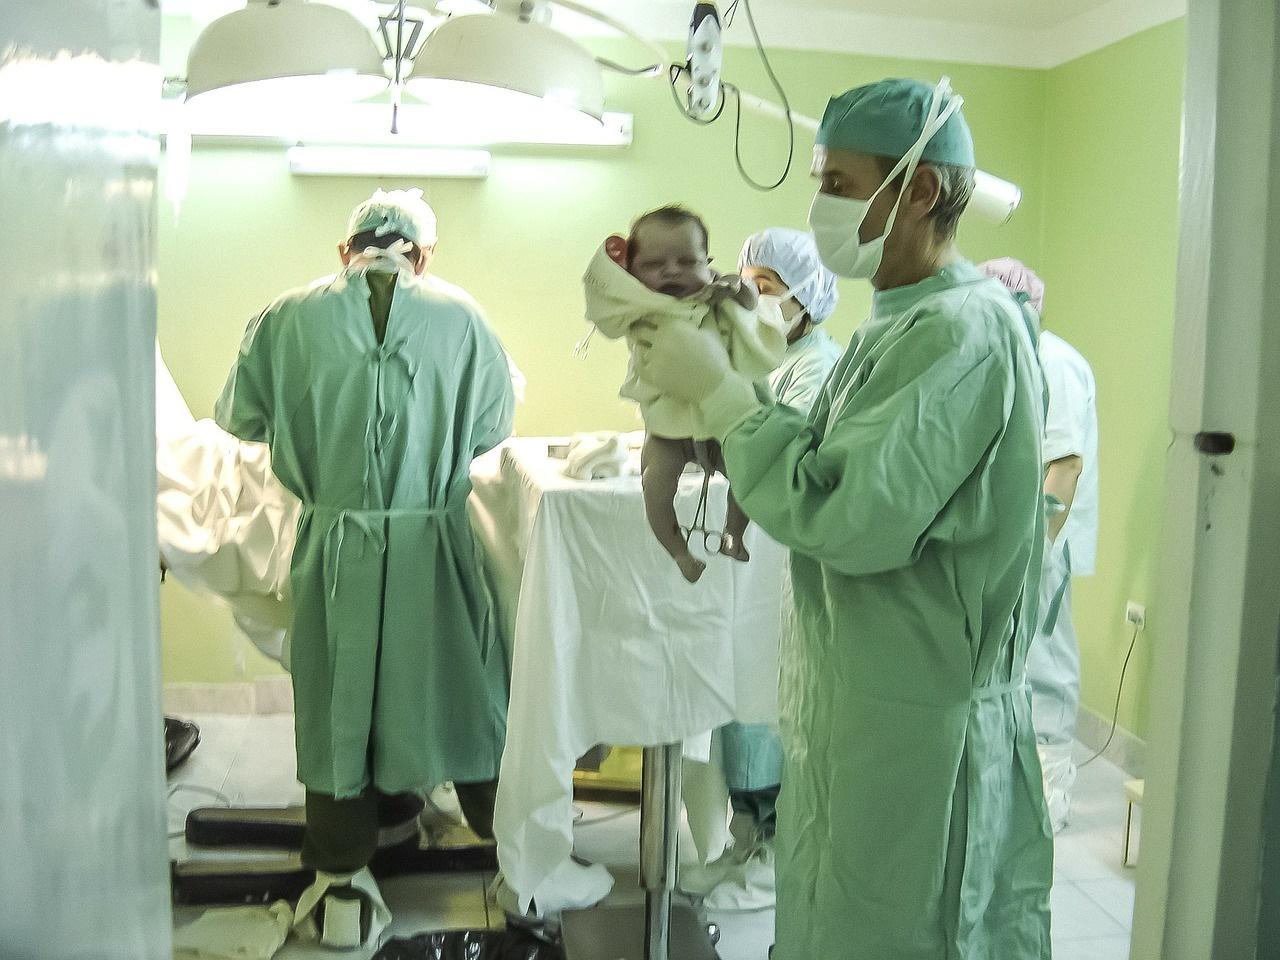 I migliori ospedali pediatrici in italia